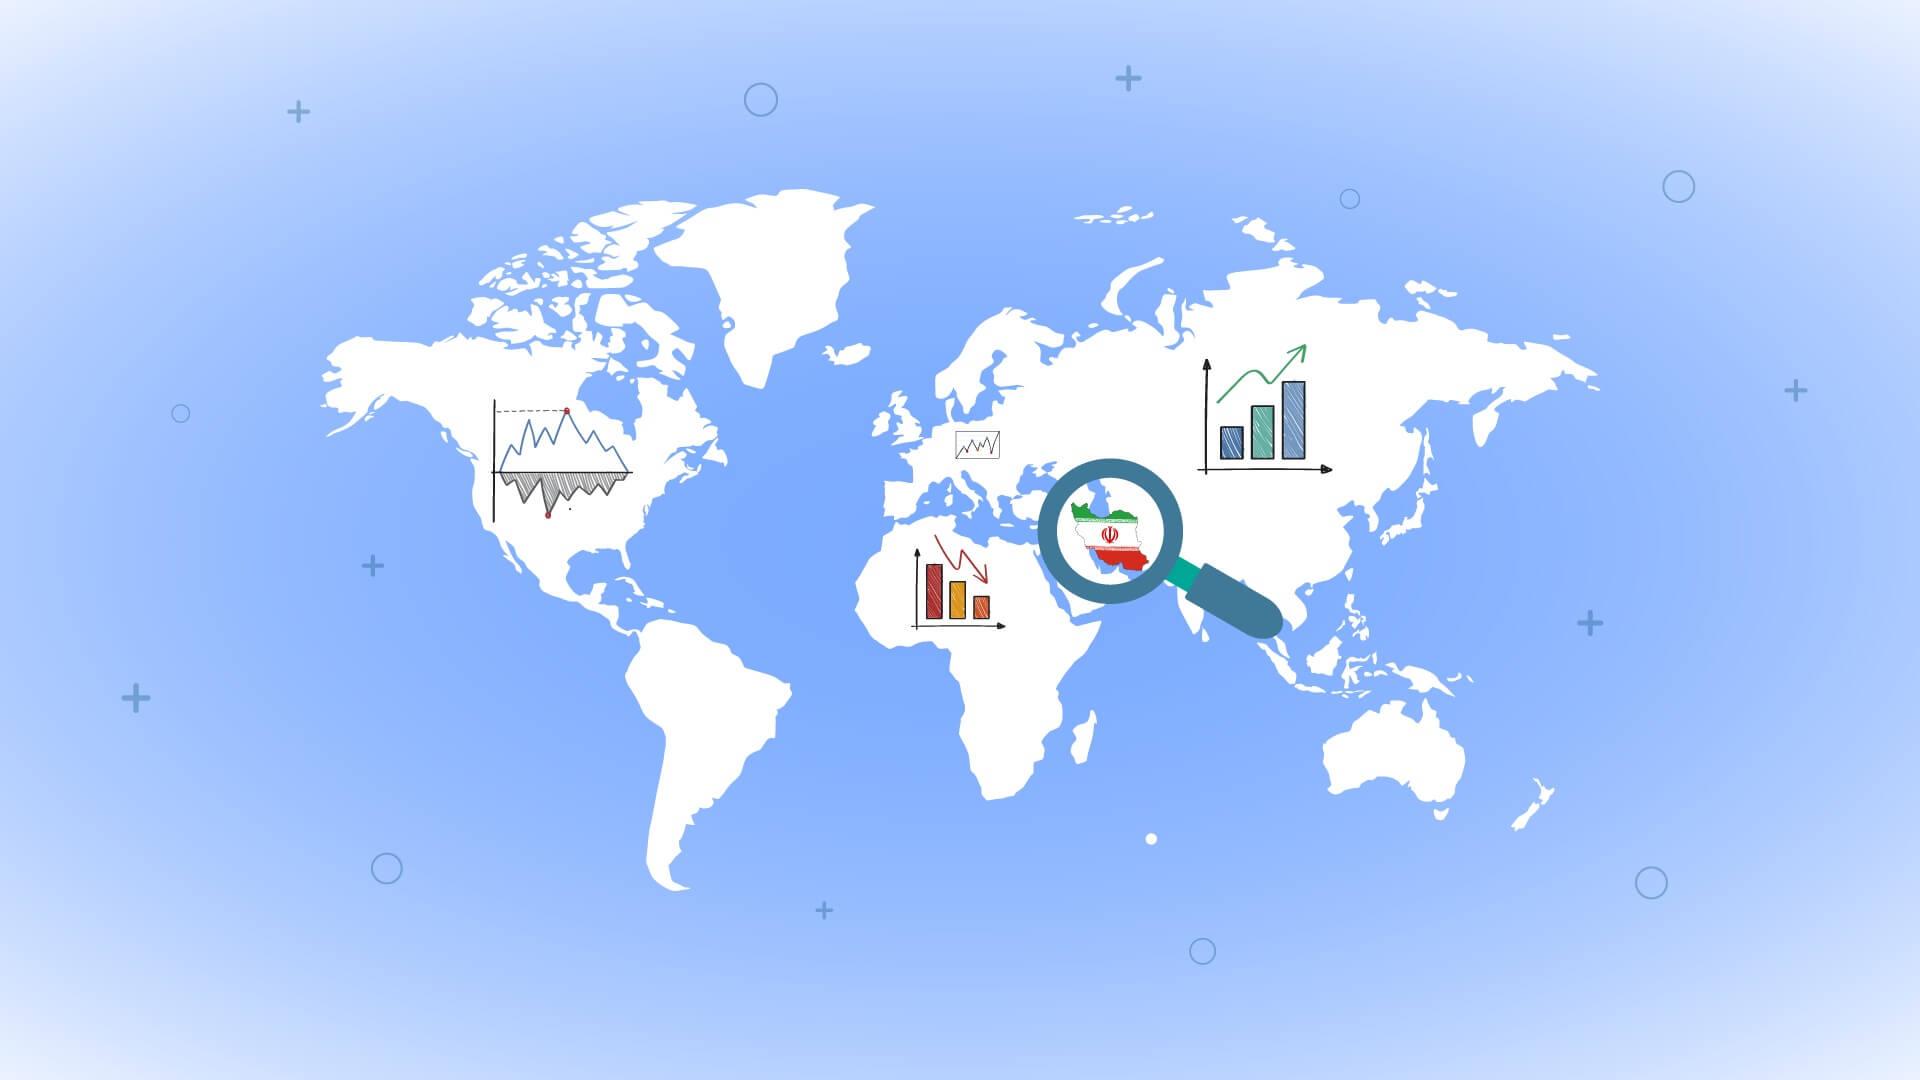 آیا بورس ایران از بازارهای جهانی تأثیر میپذیرد؟